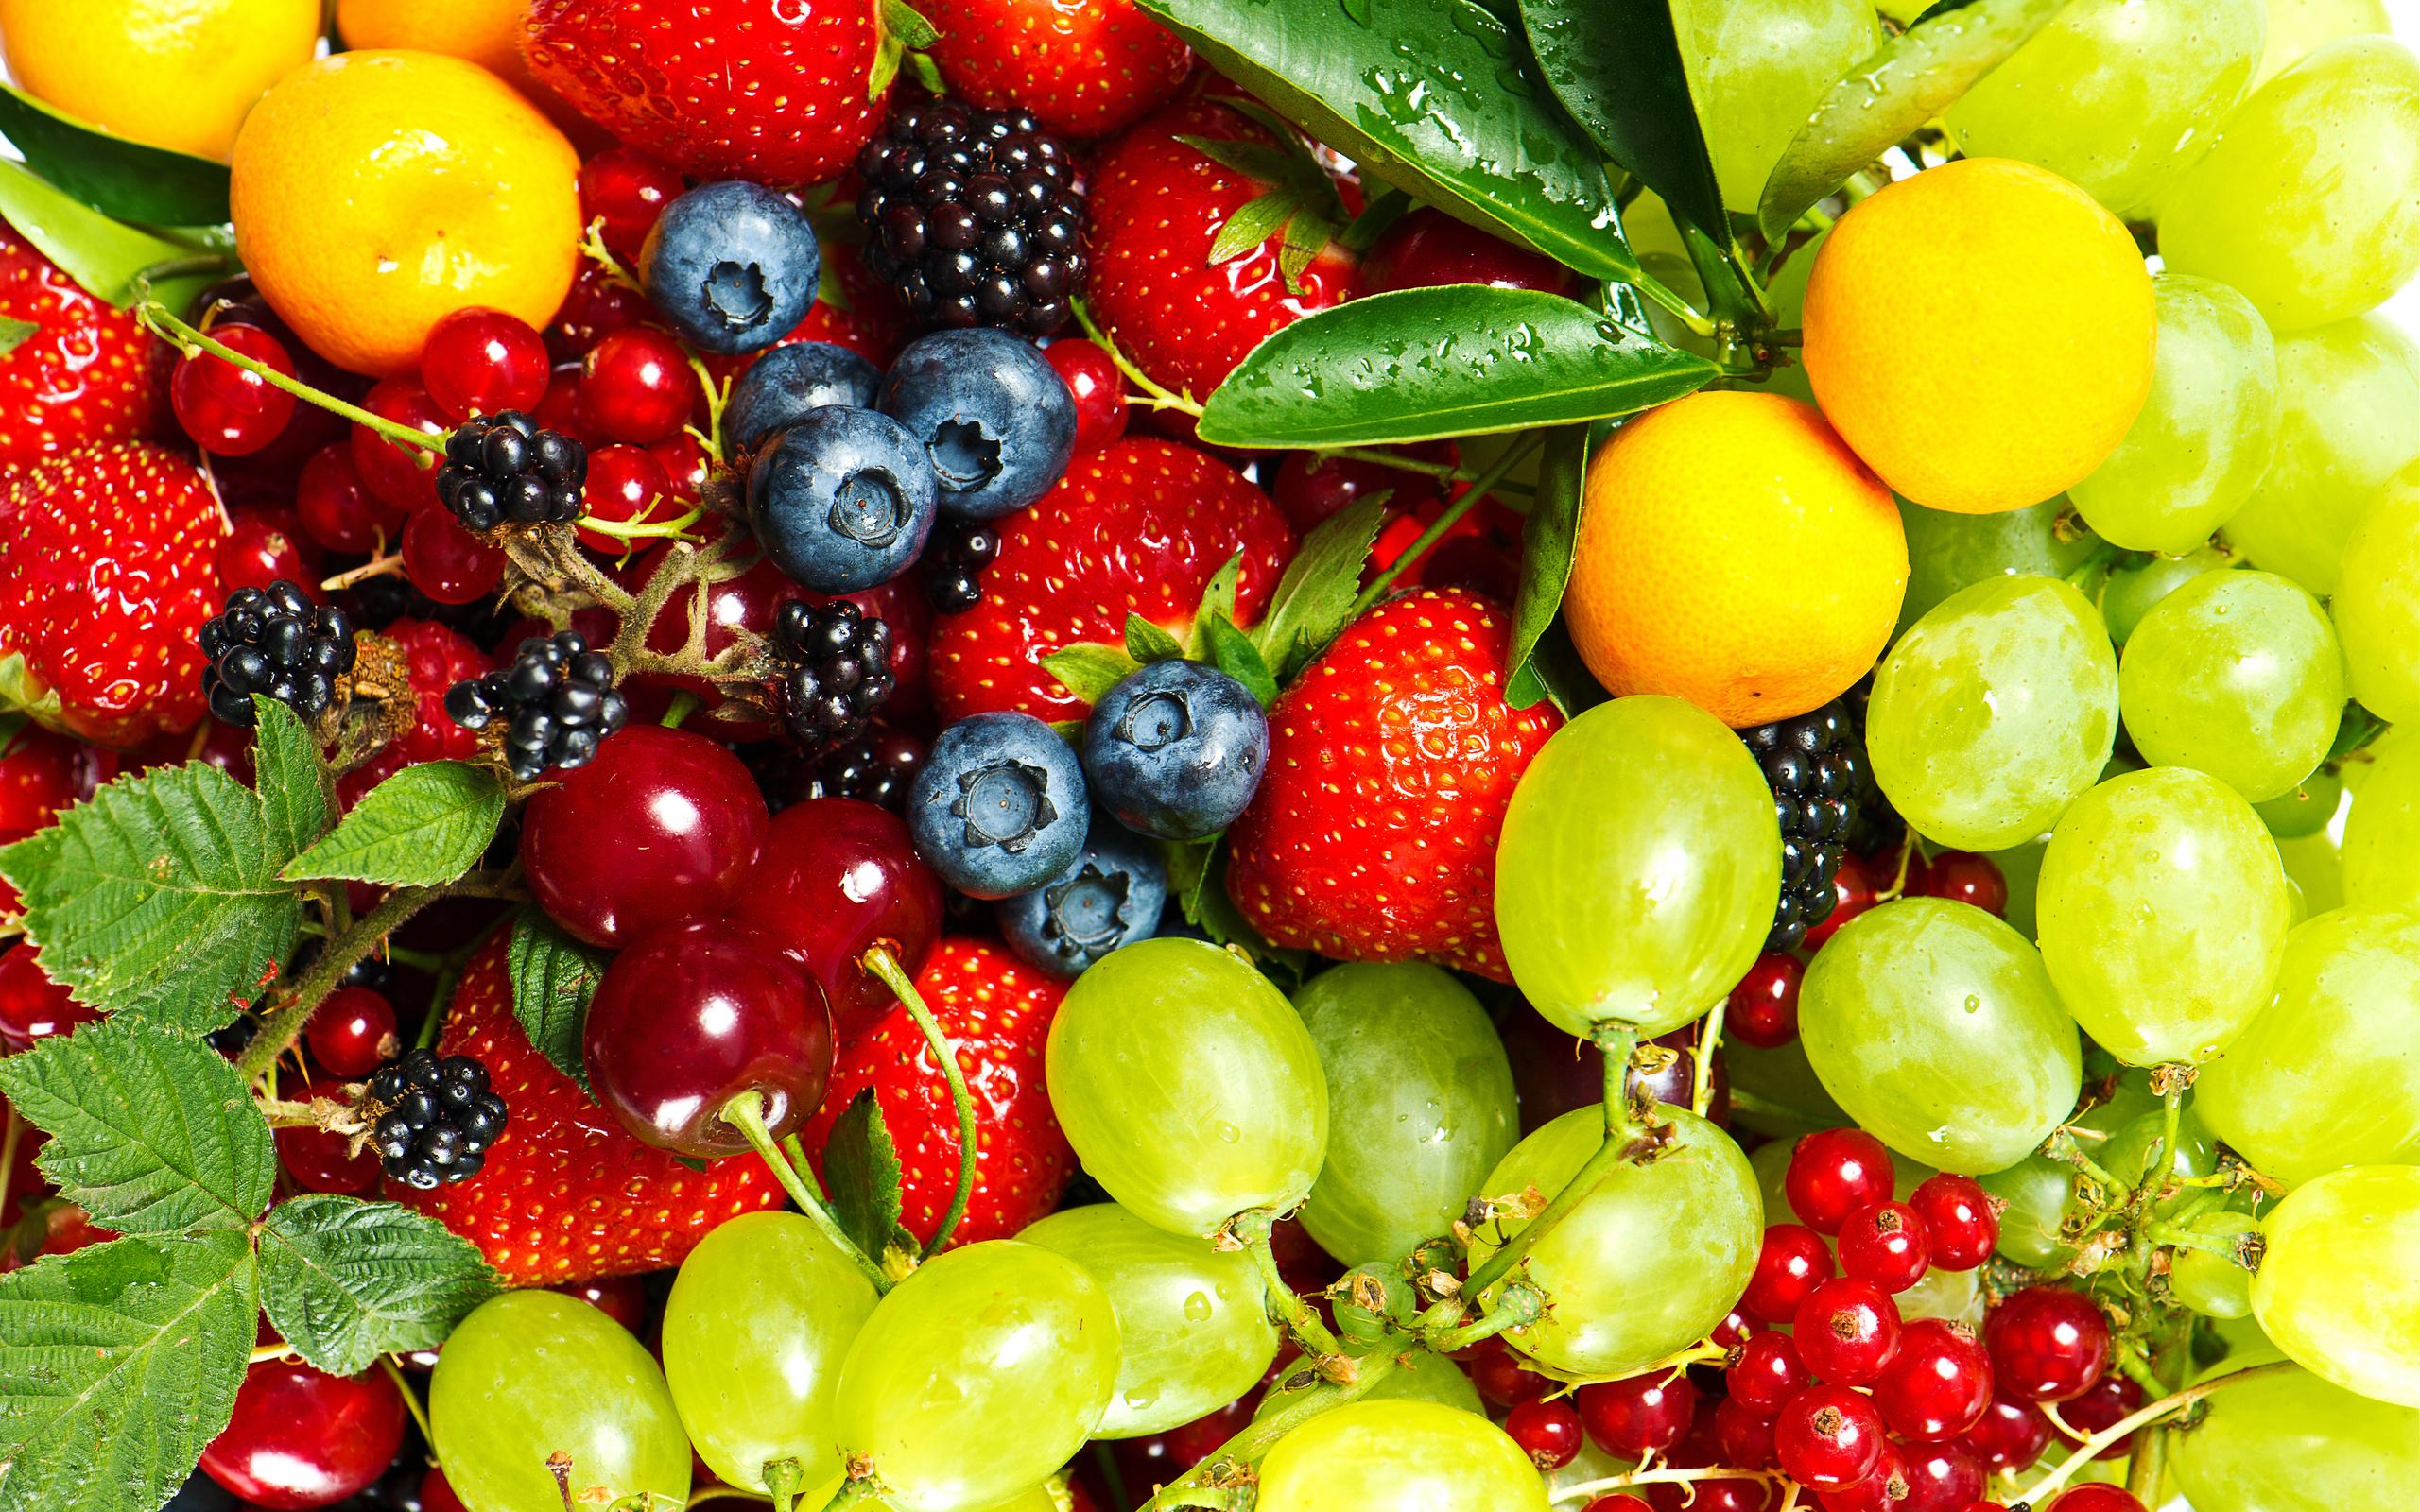 Fonds dcran Fruit tous les wallpapers Fruit 2560x1600